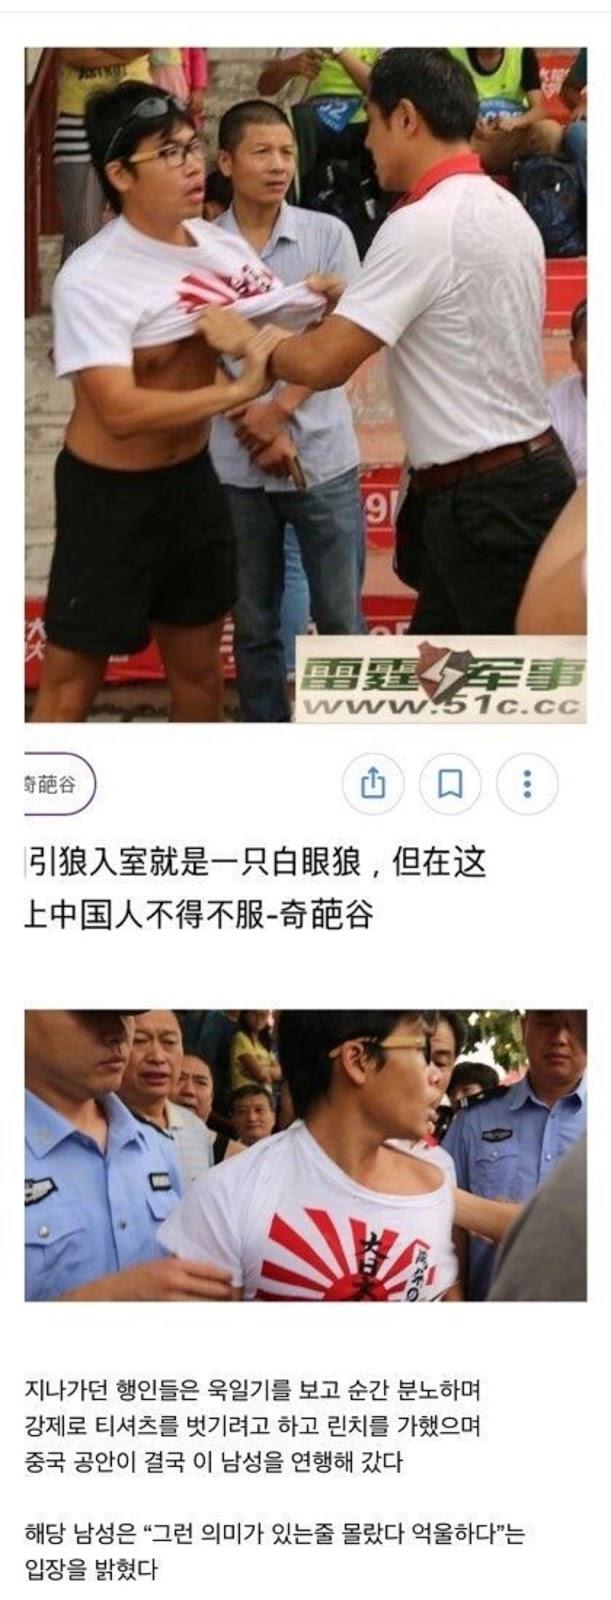 [유머] 전범기 티셔츠를 입은 중국 남자의 결말 -  와이드섬